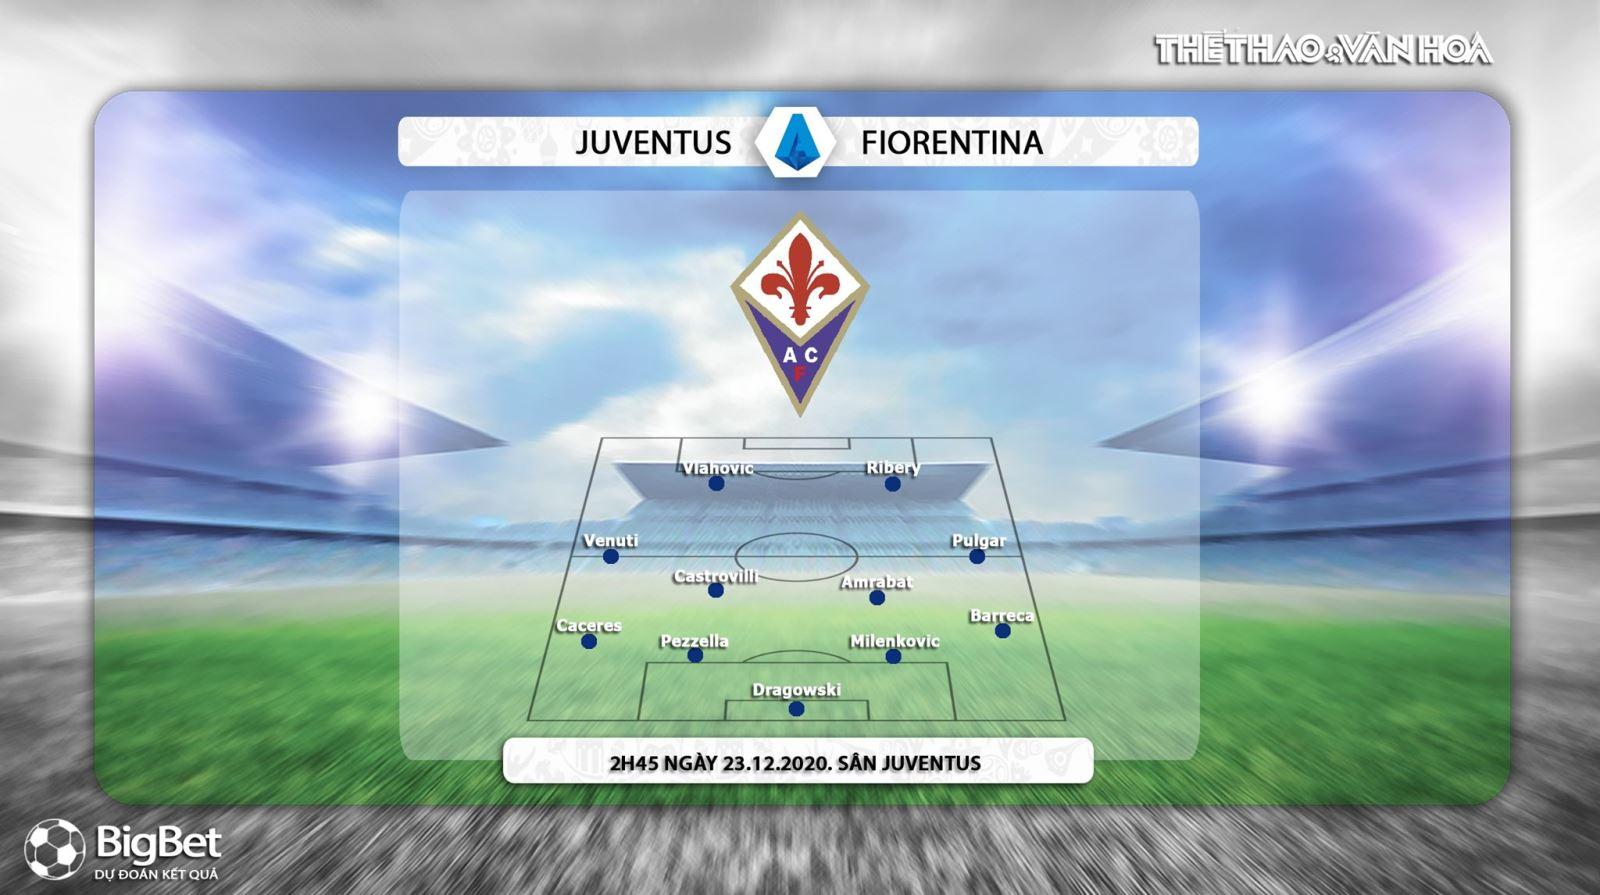 kèo nhà cái,Juventus vs Fiorentina,Vòng 14 Serie A, Trực tiếp FPT Play, Trực tiếp bóng đá, Trực tiếp Juventus đấu với Fiorentina, Kèo bóng đá Juventus vs Fiorentina